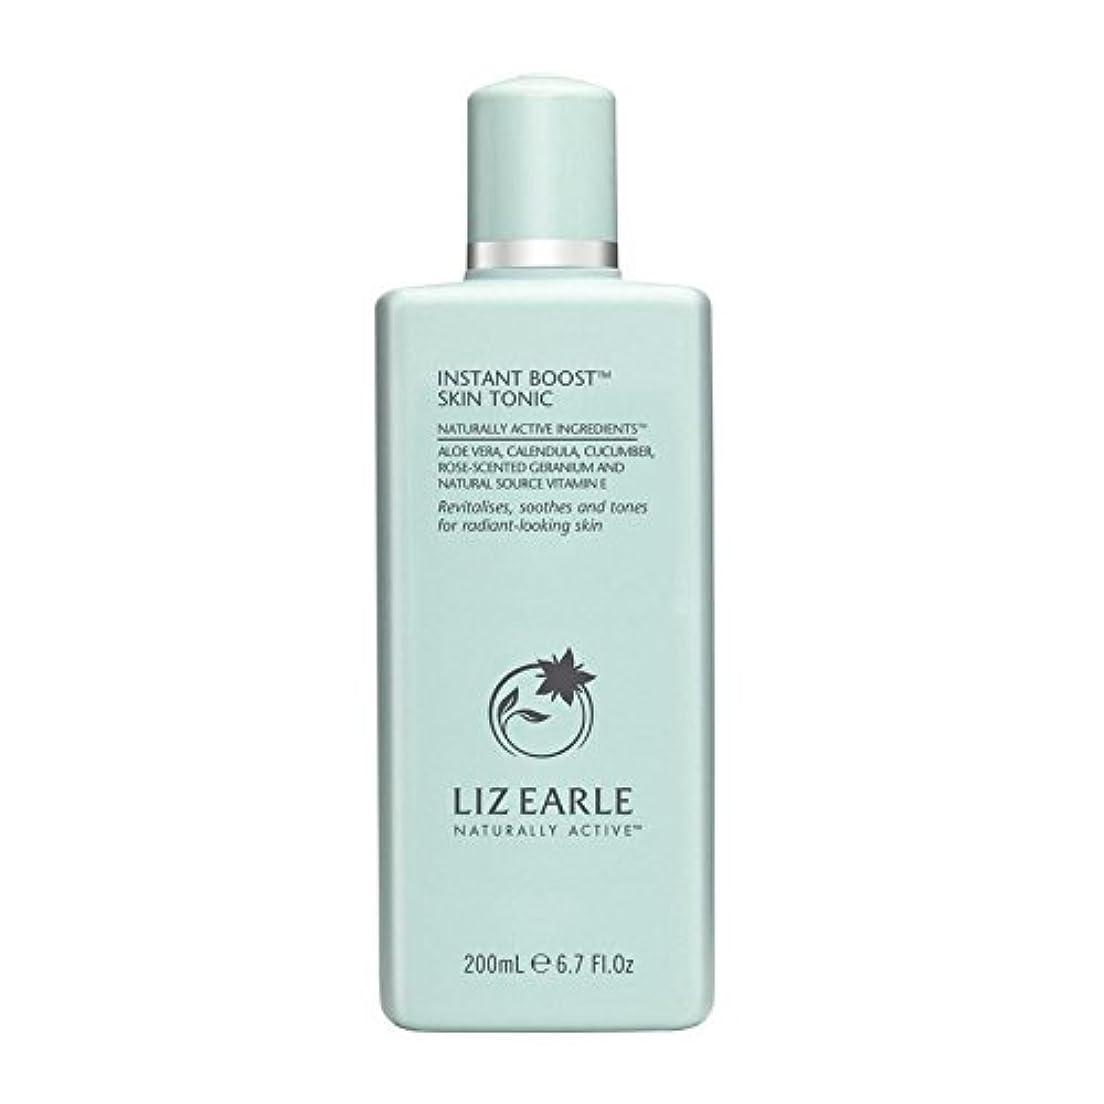 半導体傾斜めったにLiz Earle Instant Boost Skin Tonic Bottle 200ml (Pack of 6) - リズアールインスタントブーストスキントニックボトル200ミリリットル x6 [並行輸入品]